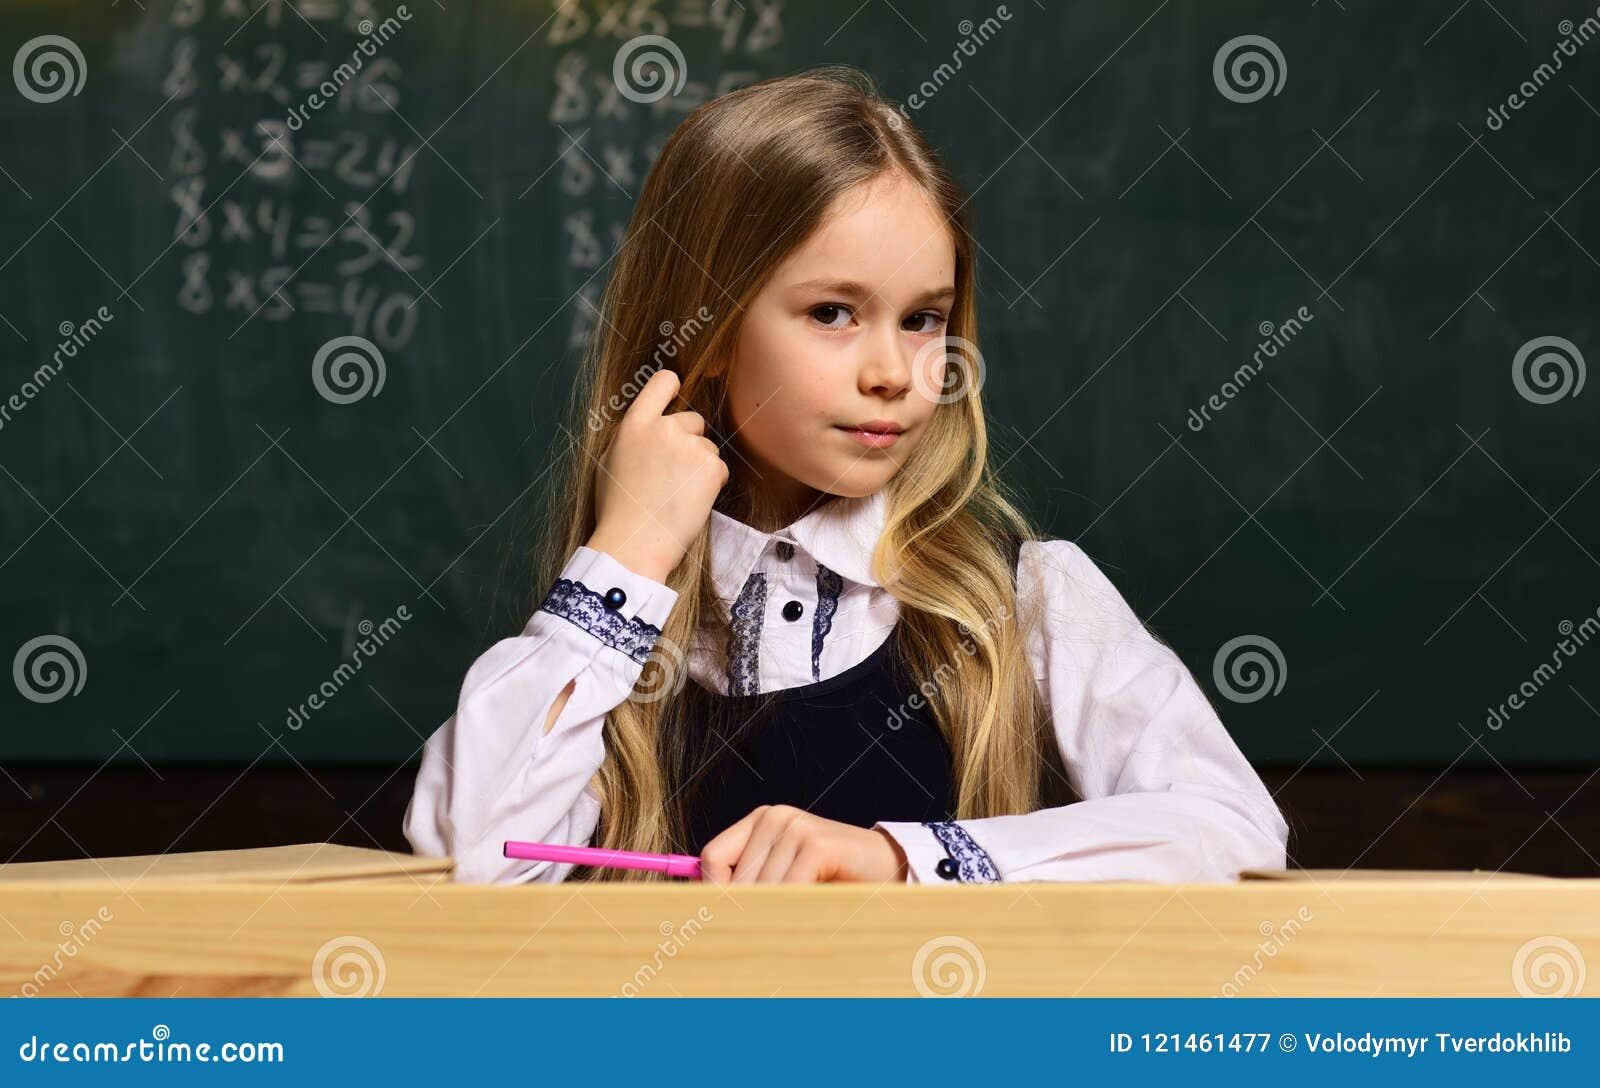 Look for handleder med erfarenhetsundervisningbarn den samma åldern som ditt barn Lärareteckning med hennes lilla student på